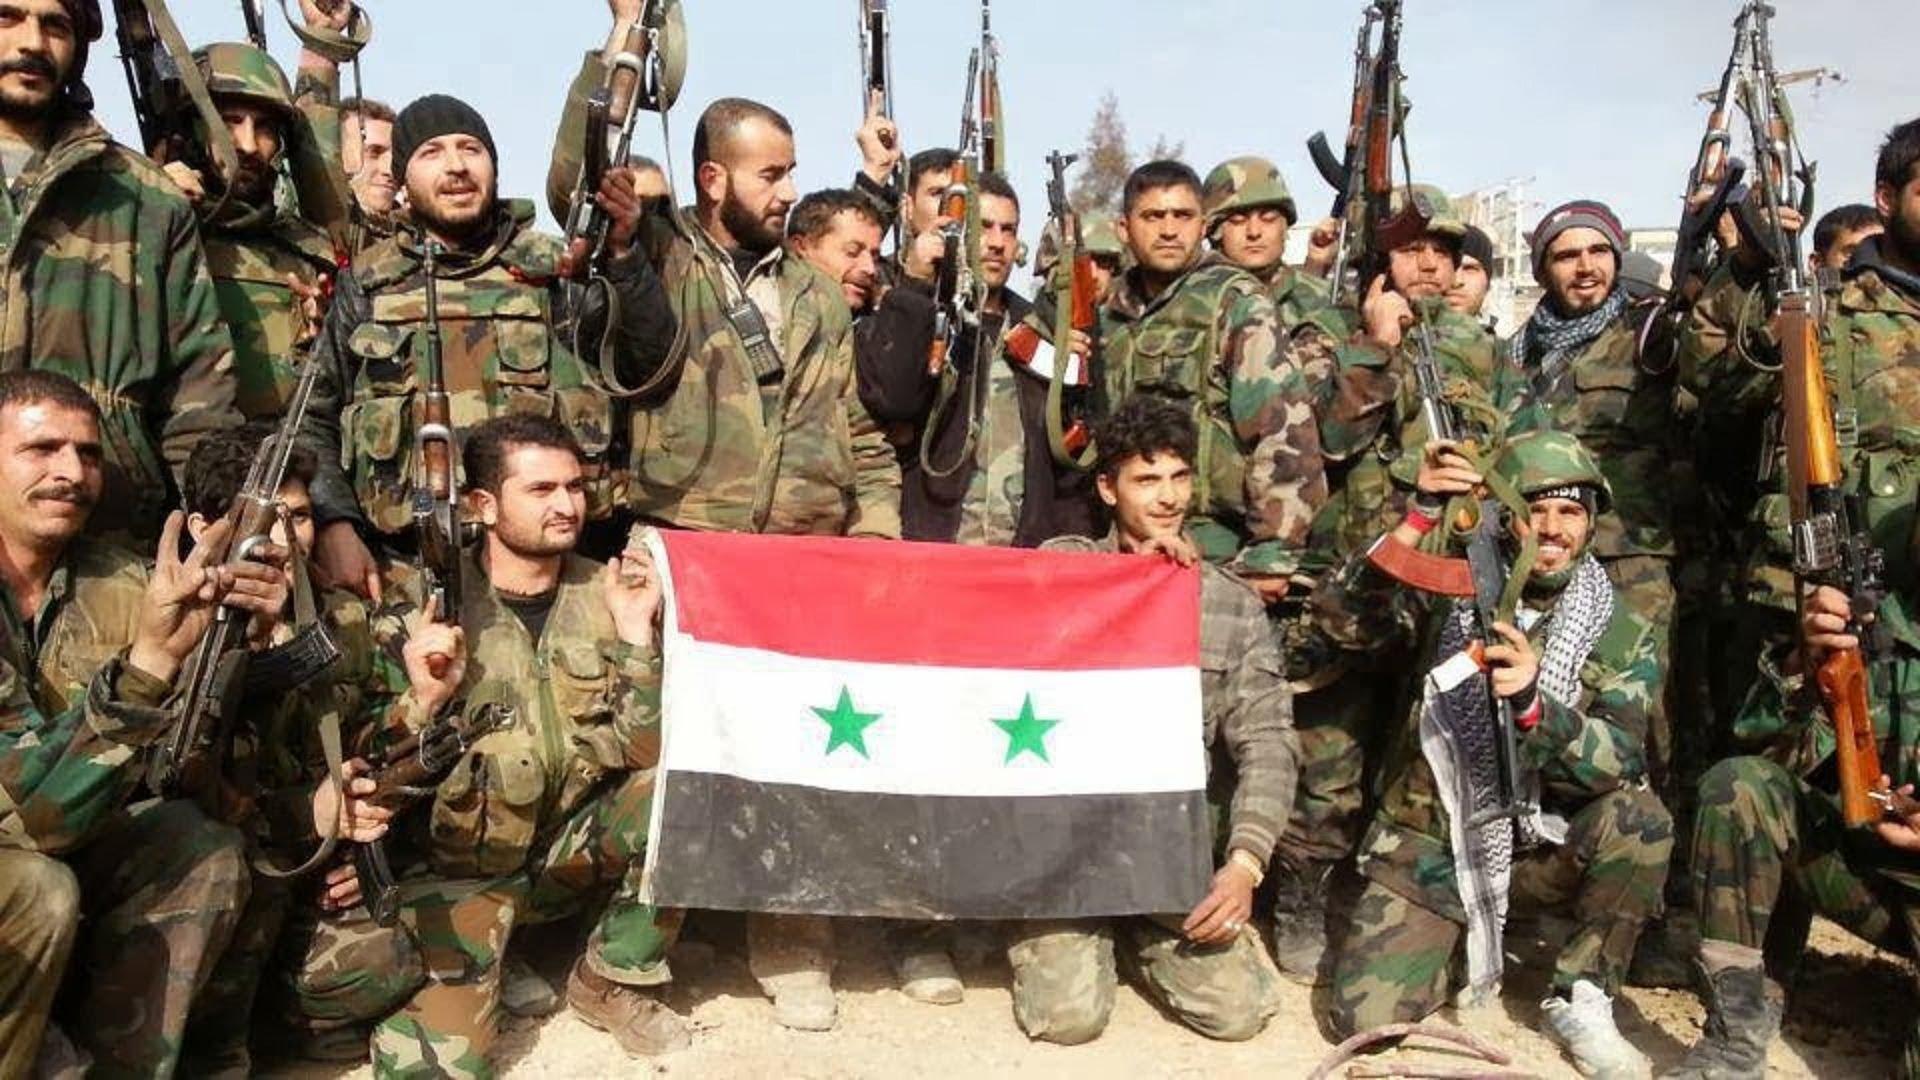 جیمز متیس: برای پایان آشوبها در سوریه نباید فقط به عامل نظامی تکیه کرد